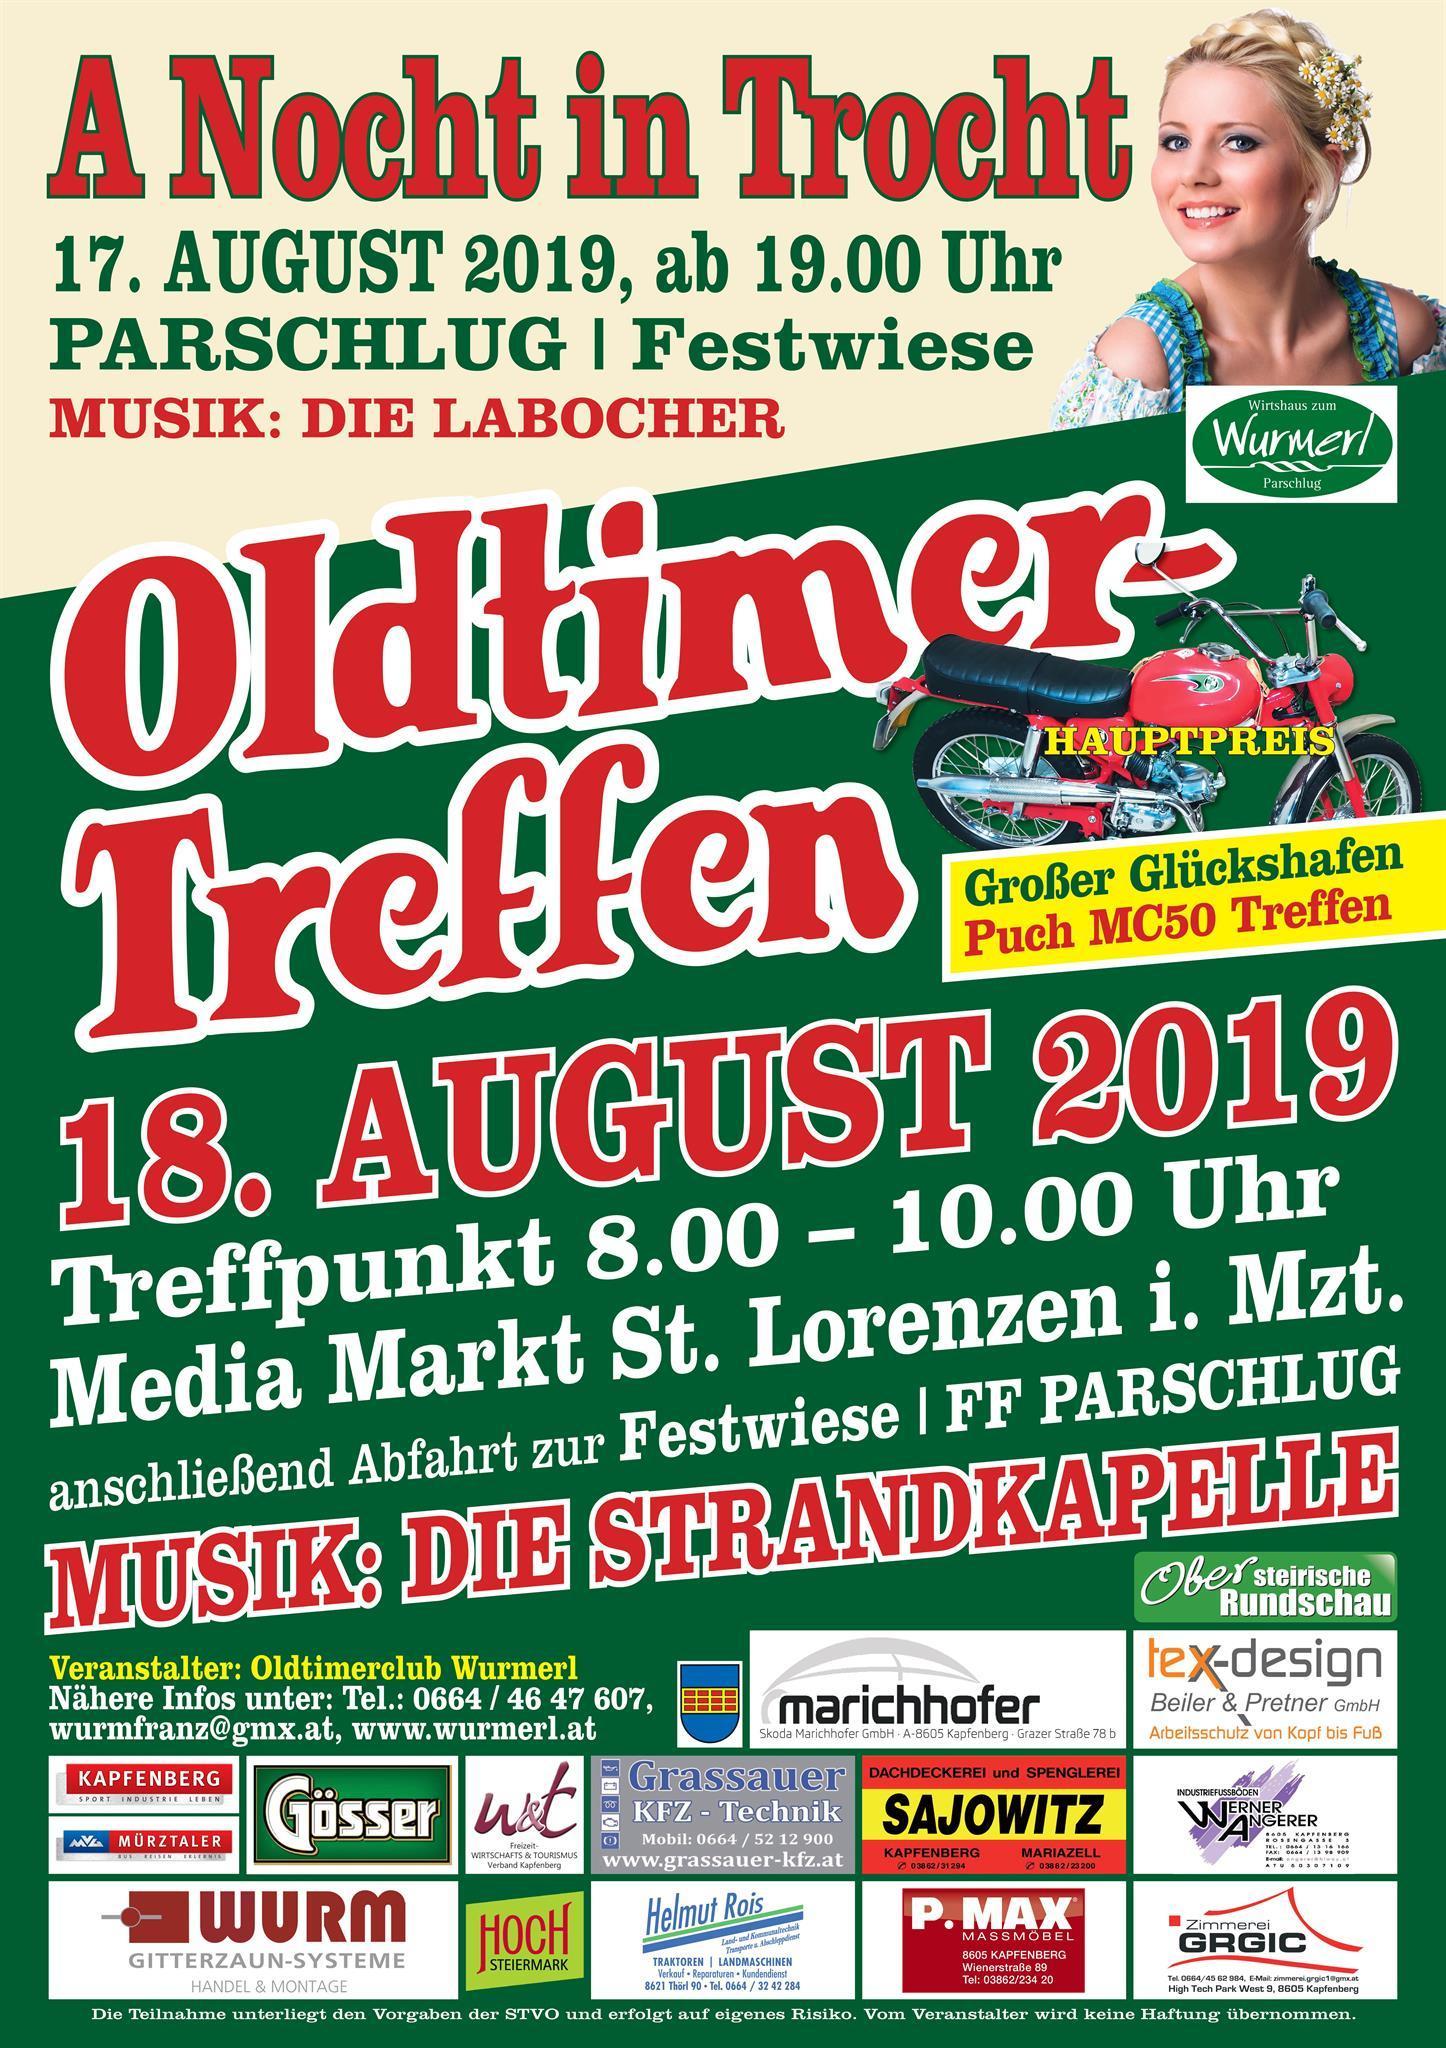 Oldtimertreffen 2019 - Hochsteiermark